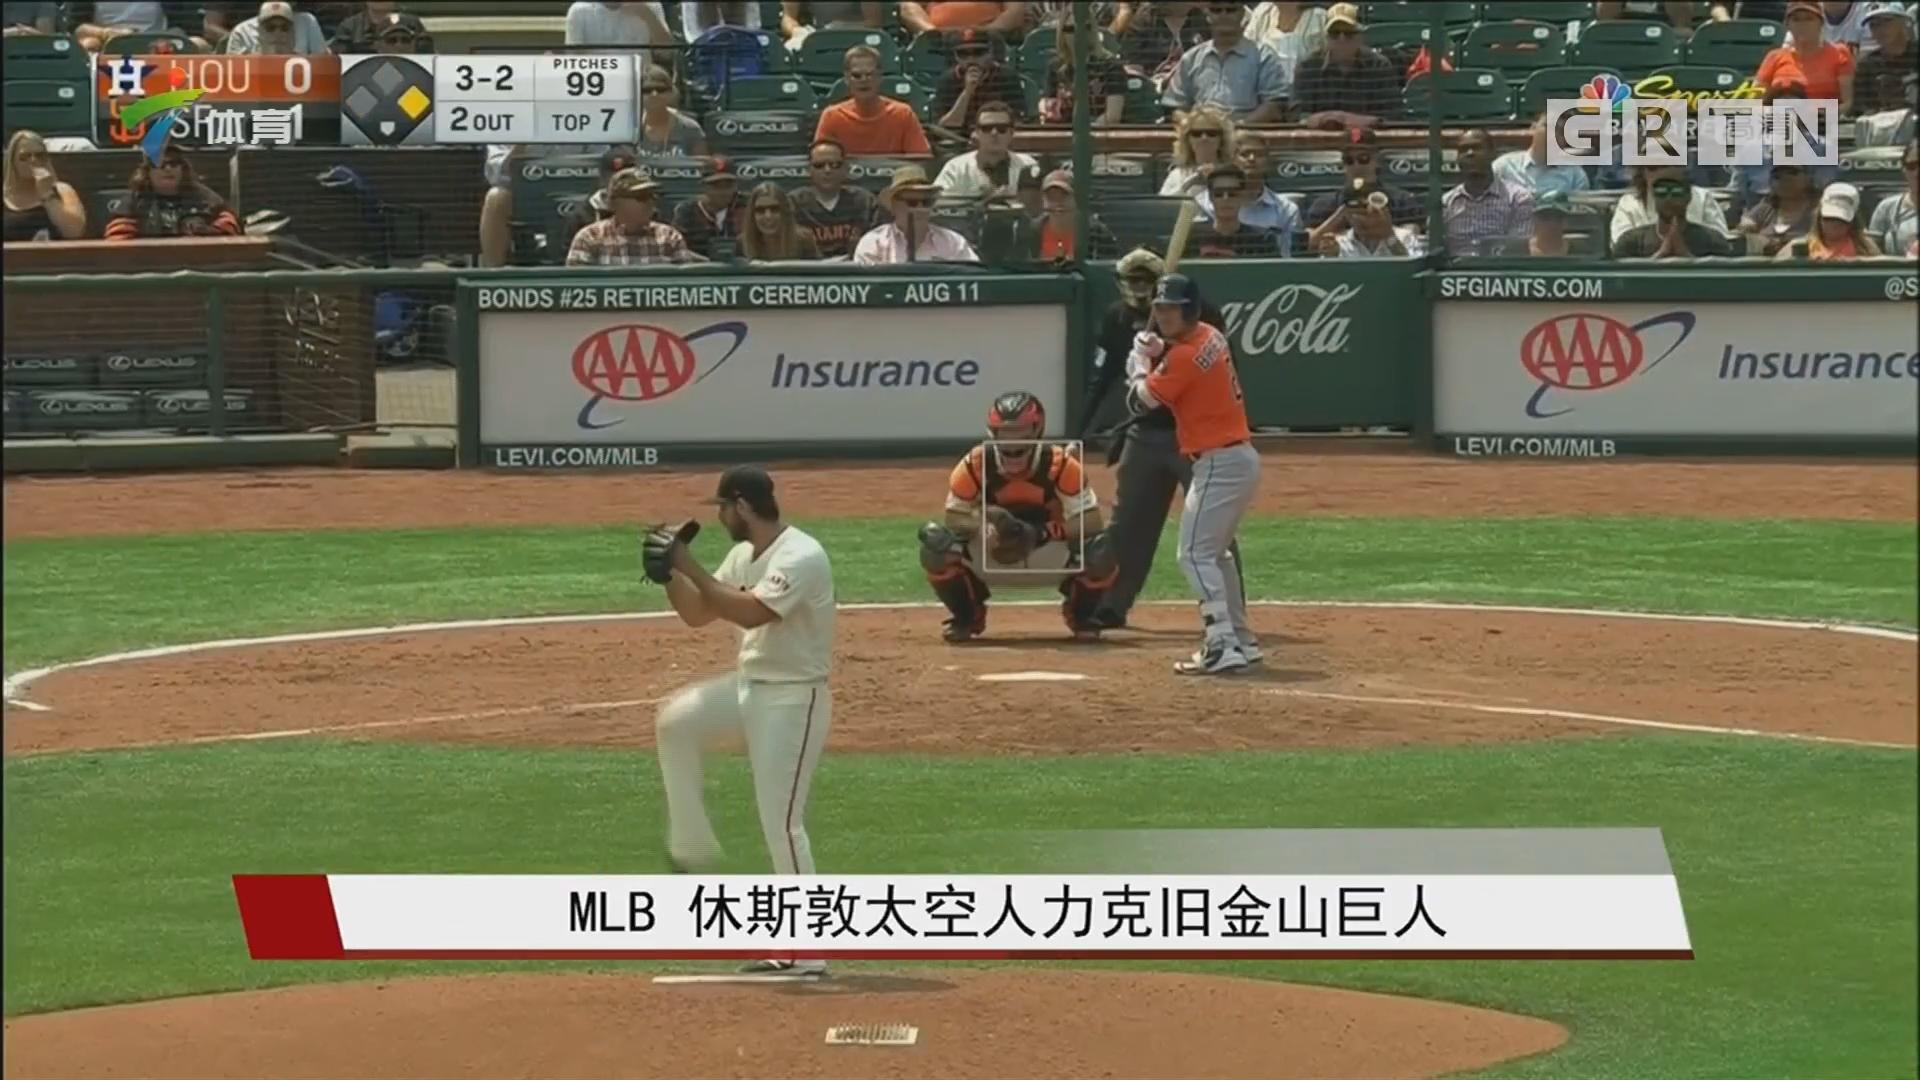 MLB 休斯敦太空人力克旧金山巨人